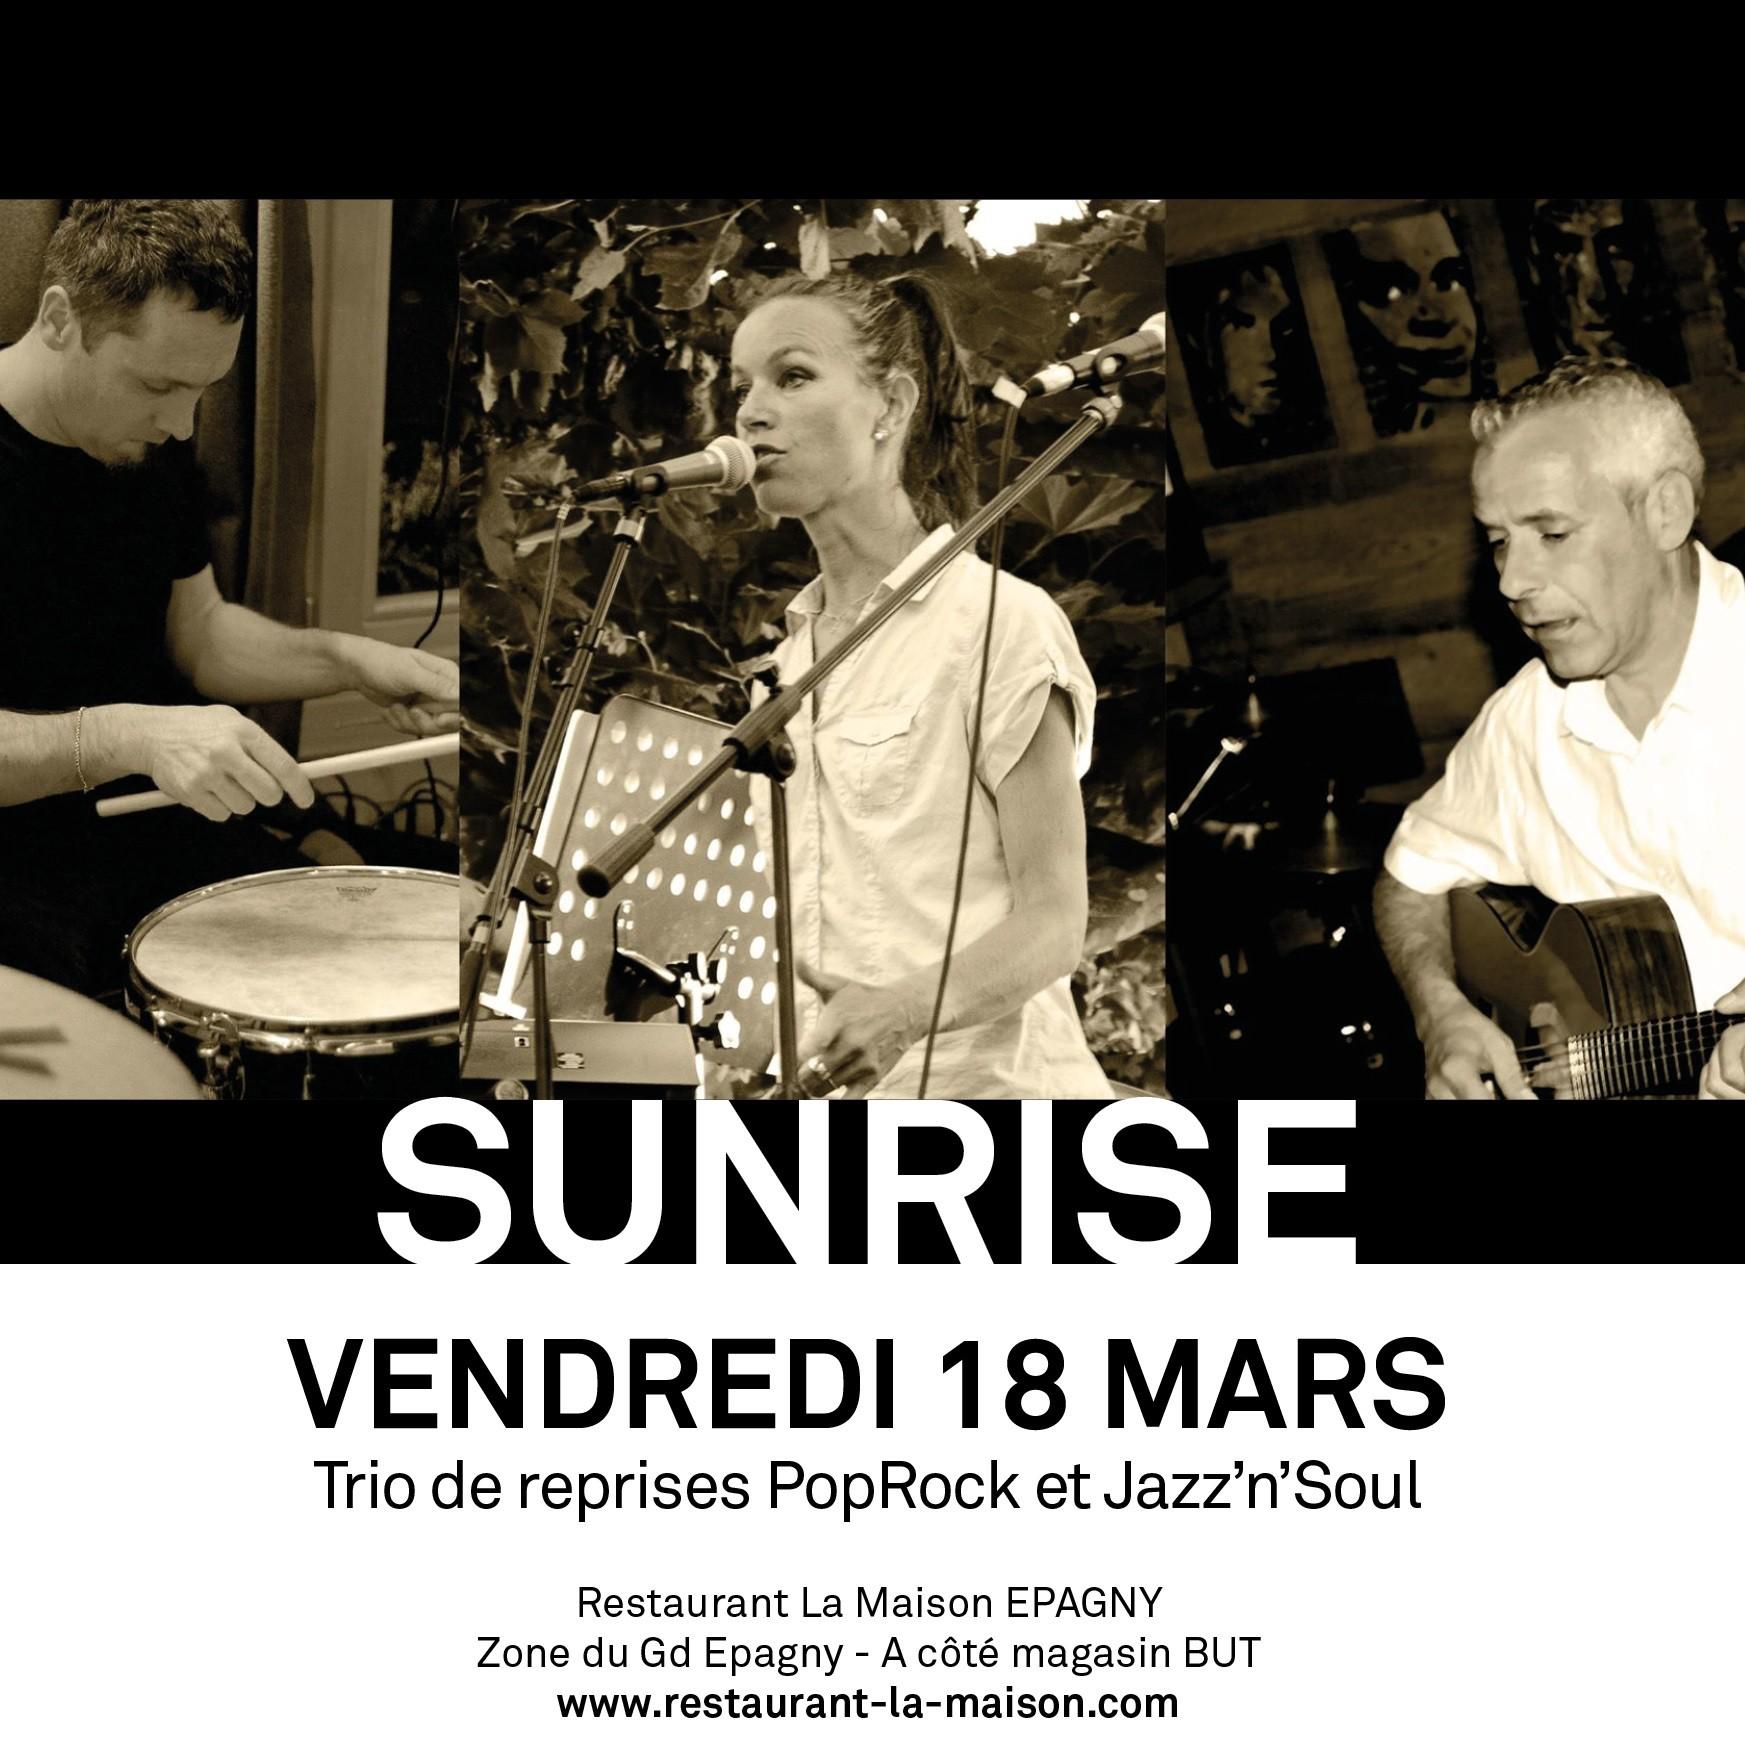 Concert de Sunrise